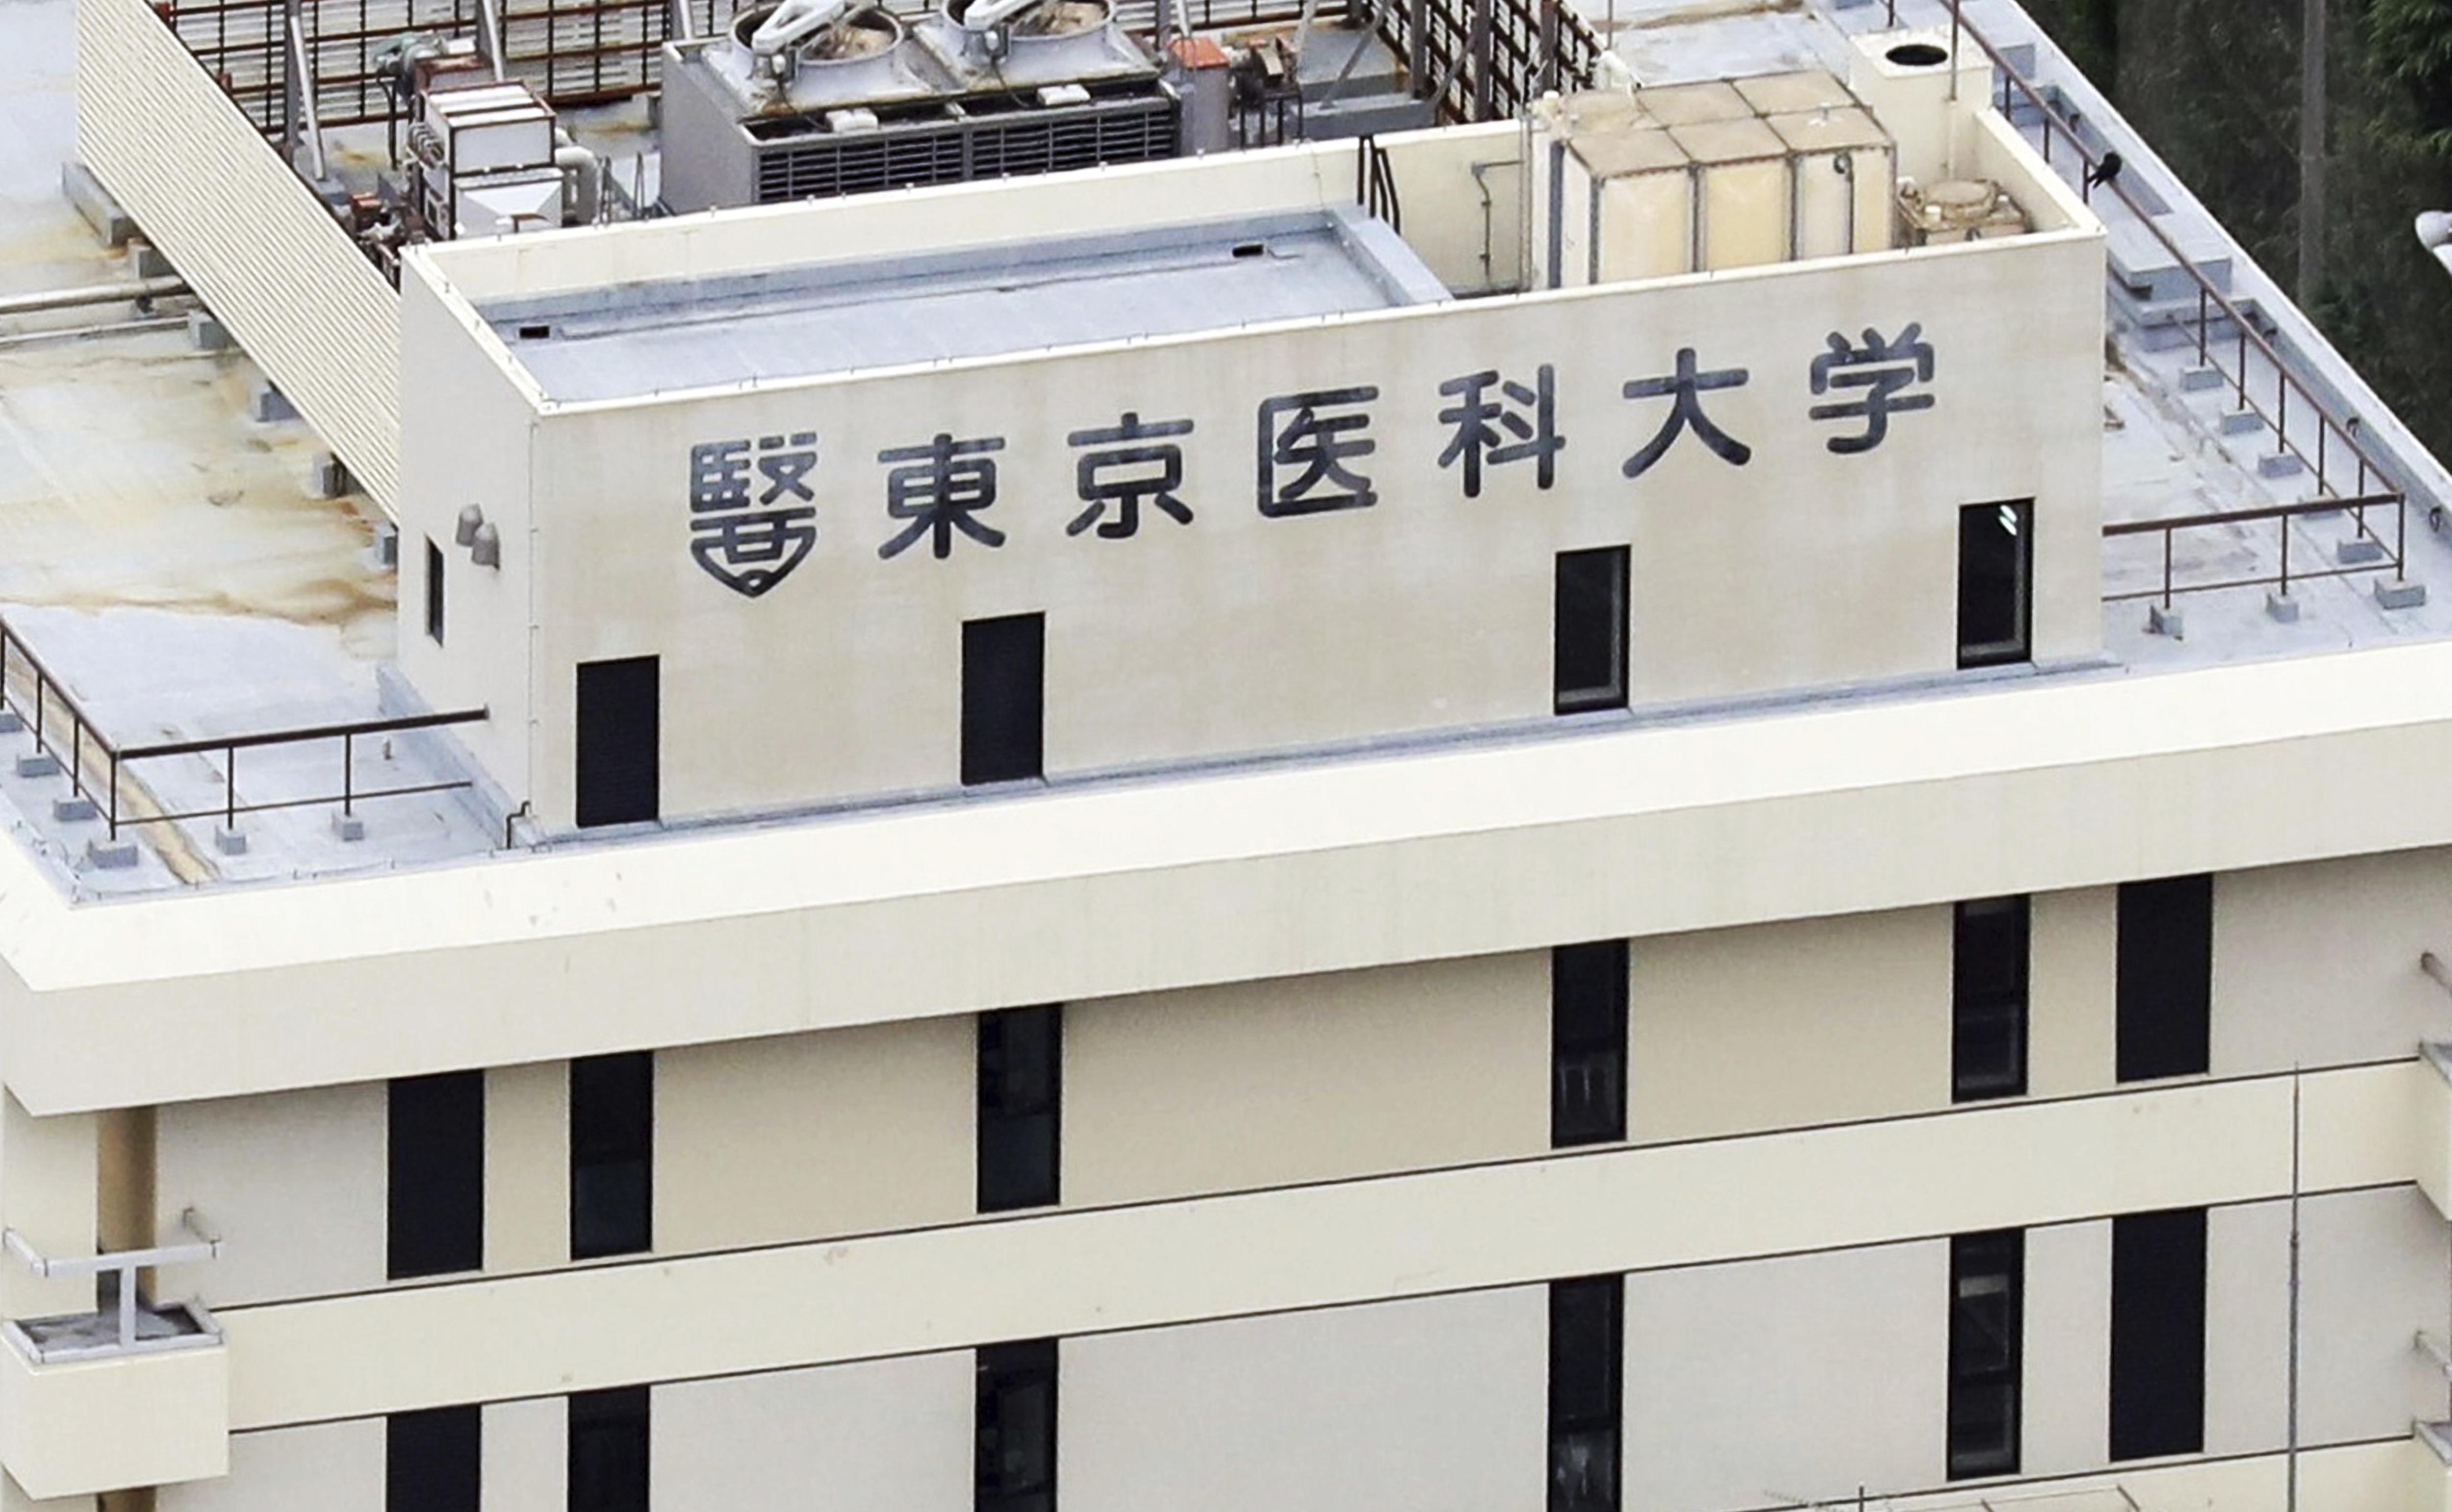 ▲東京醫科大學。(圖/達志影像/美聯社)